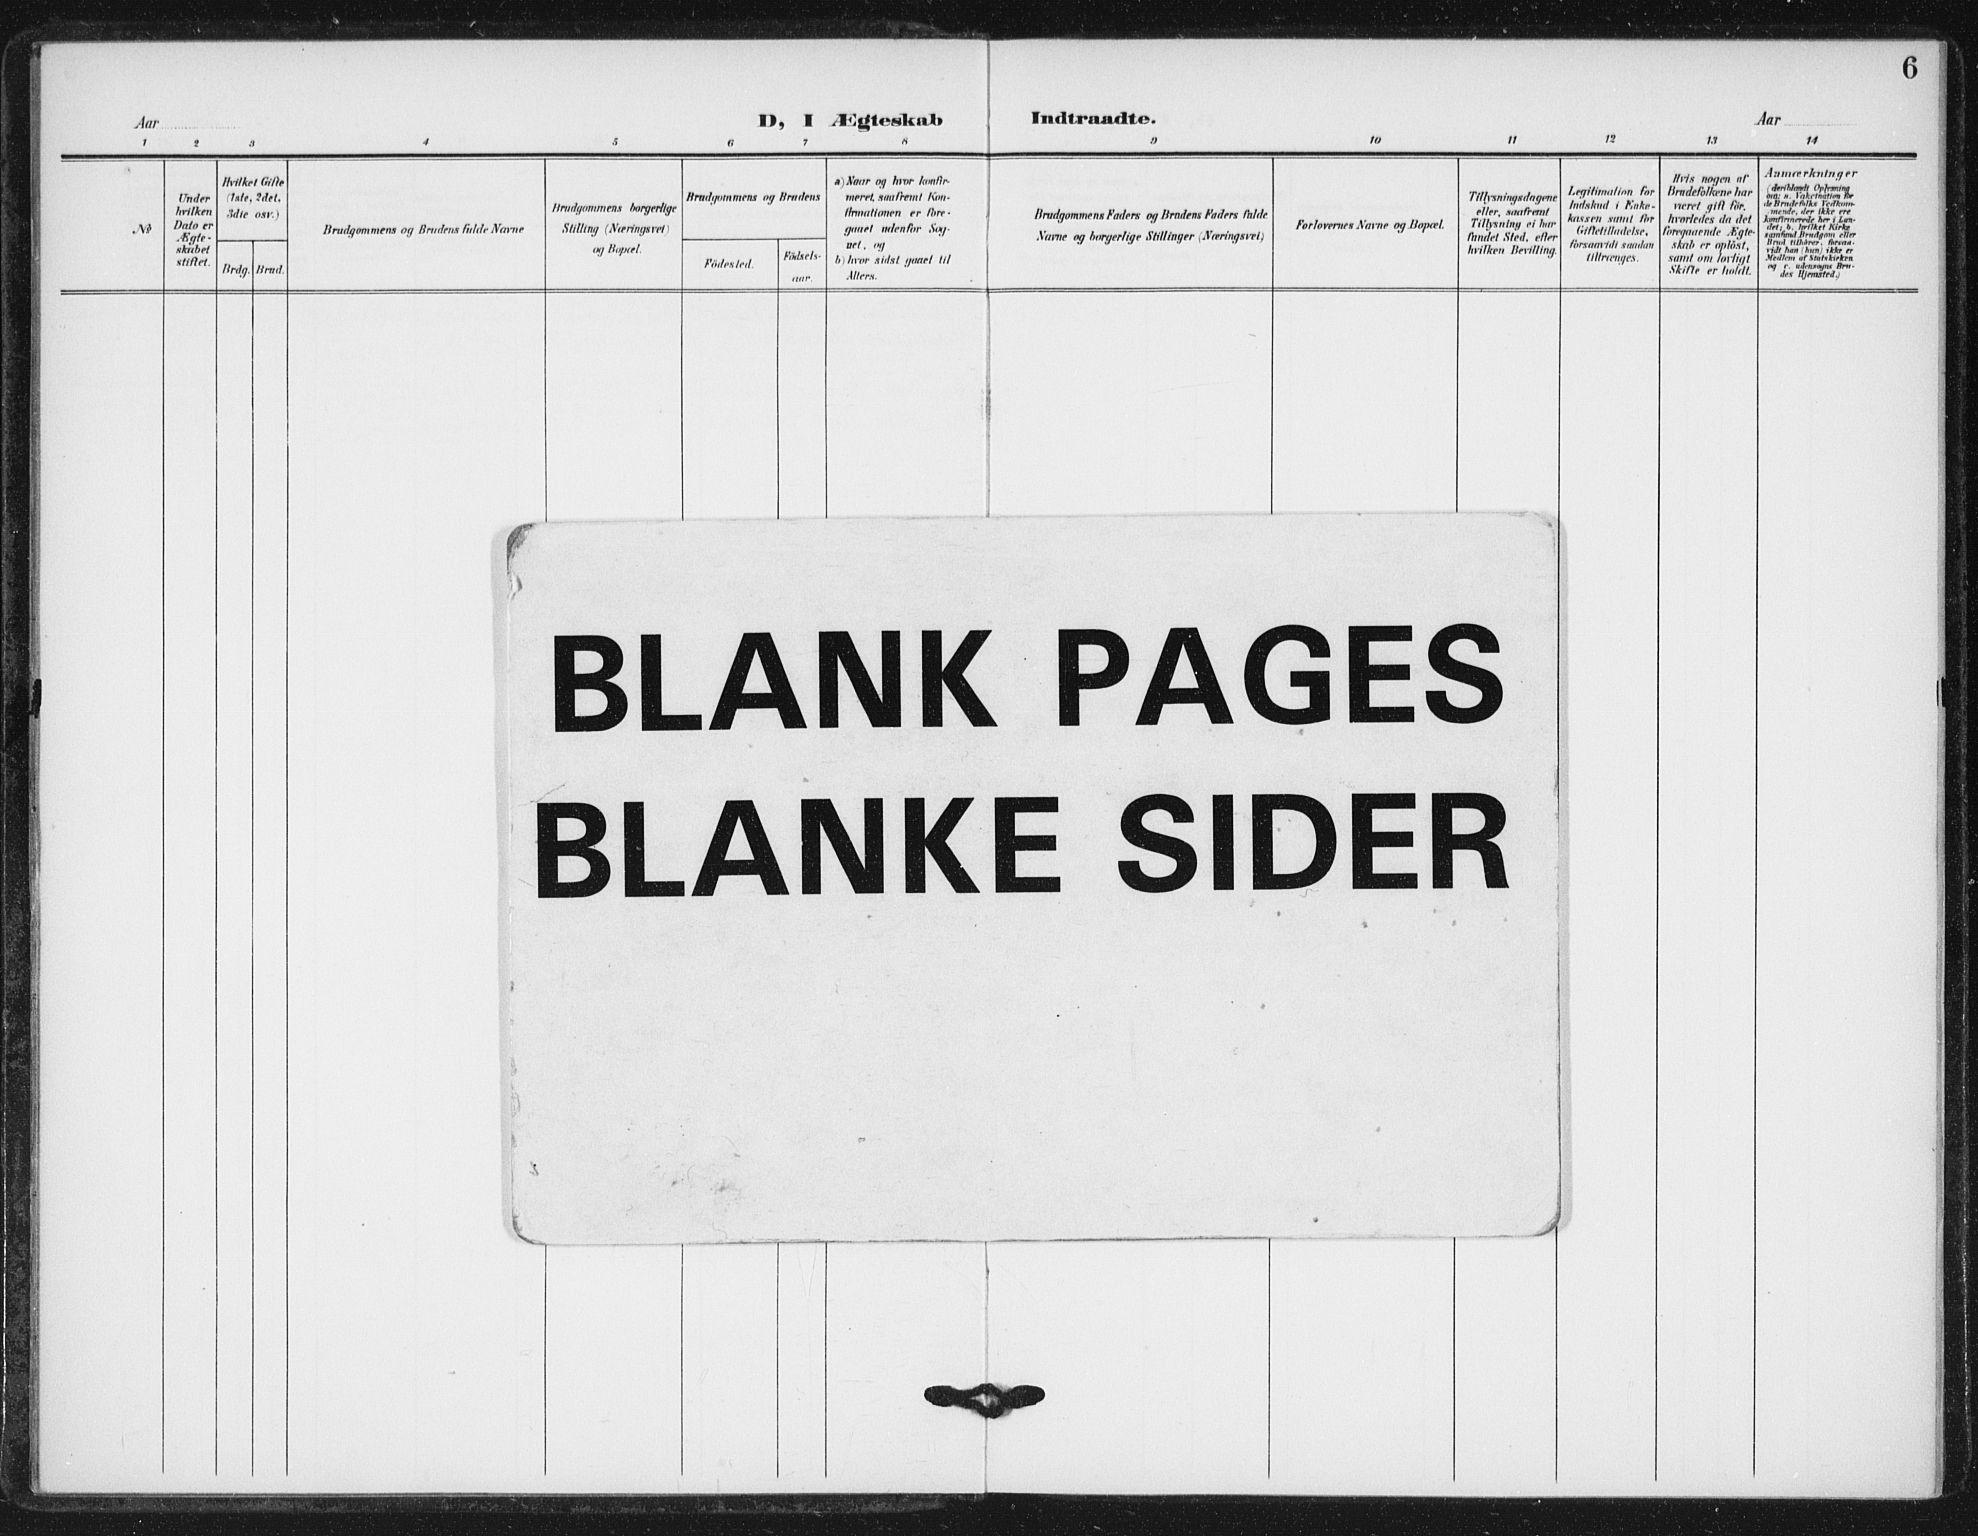 SAT, Ministerialprotokoller, klokkerbøker og fødselsregistre - Sør-Trøndelag, 623/L0472: Ministerialbok nr. 623A06, 1907-1938, s. 6